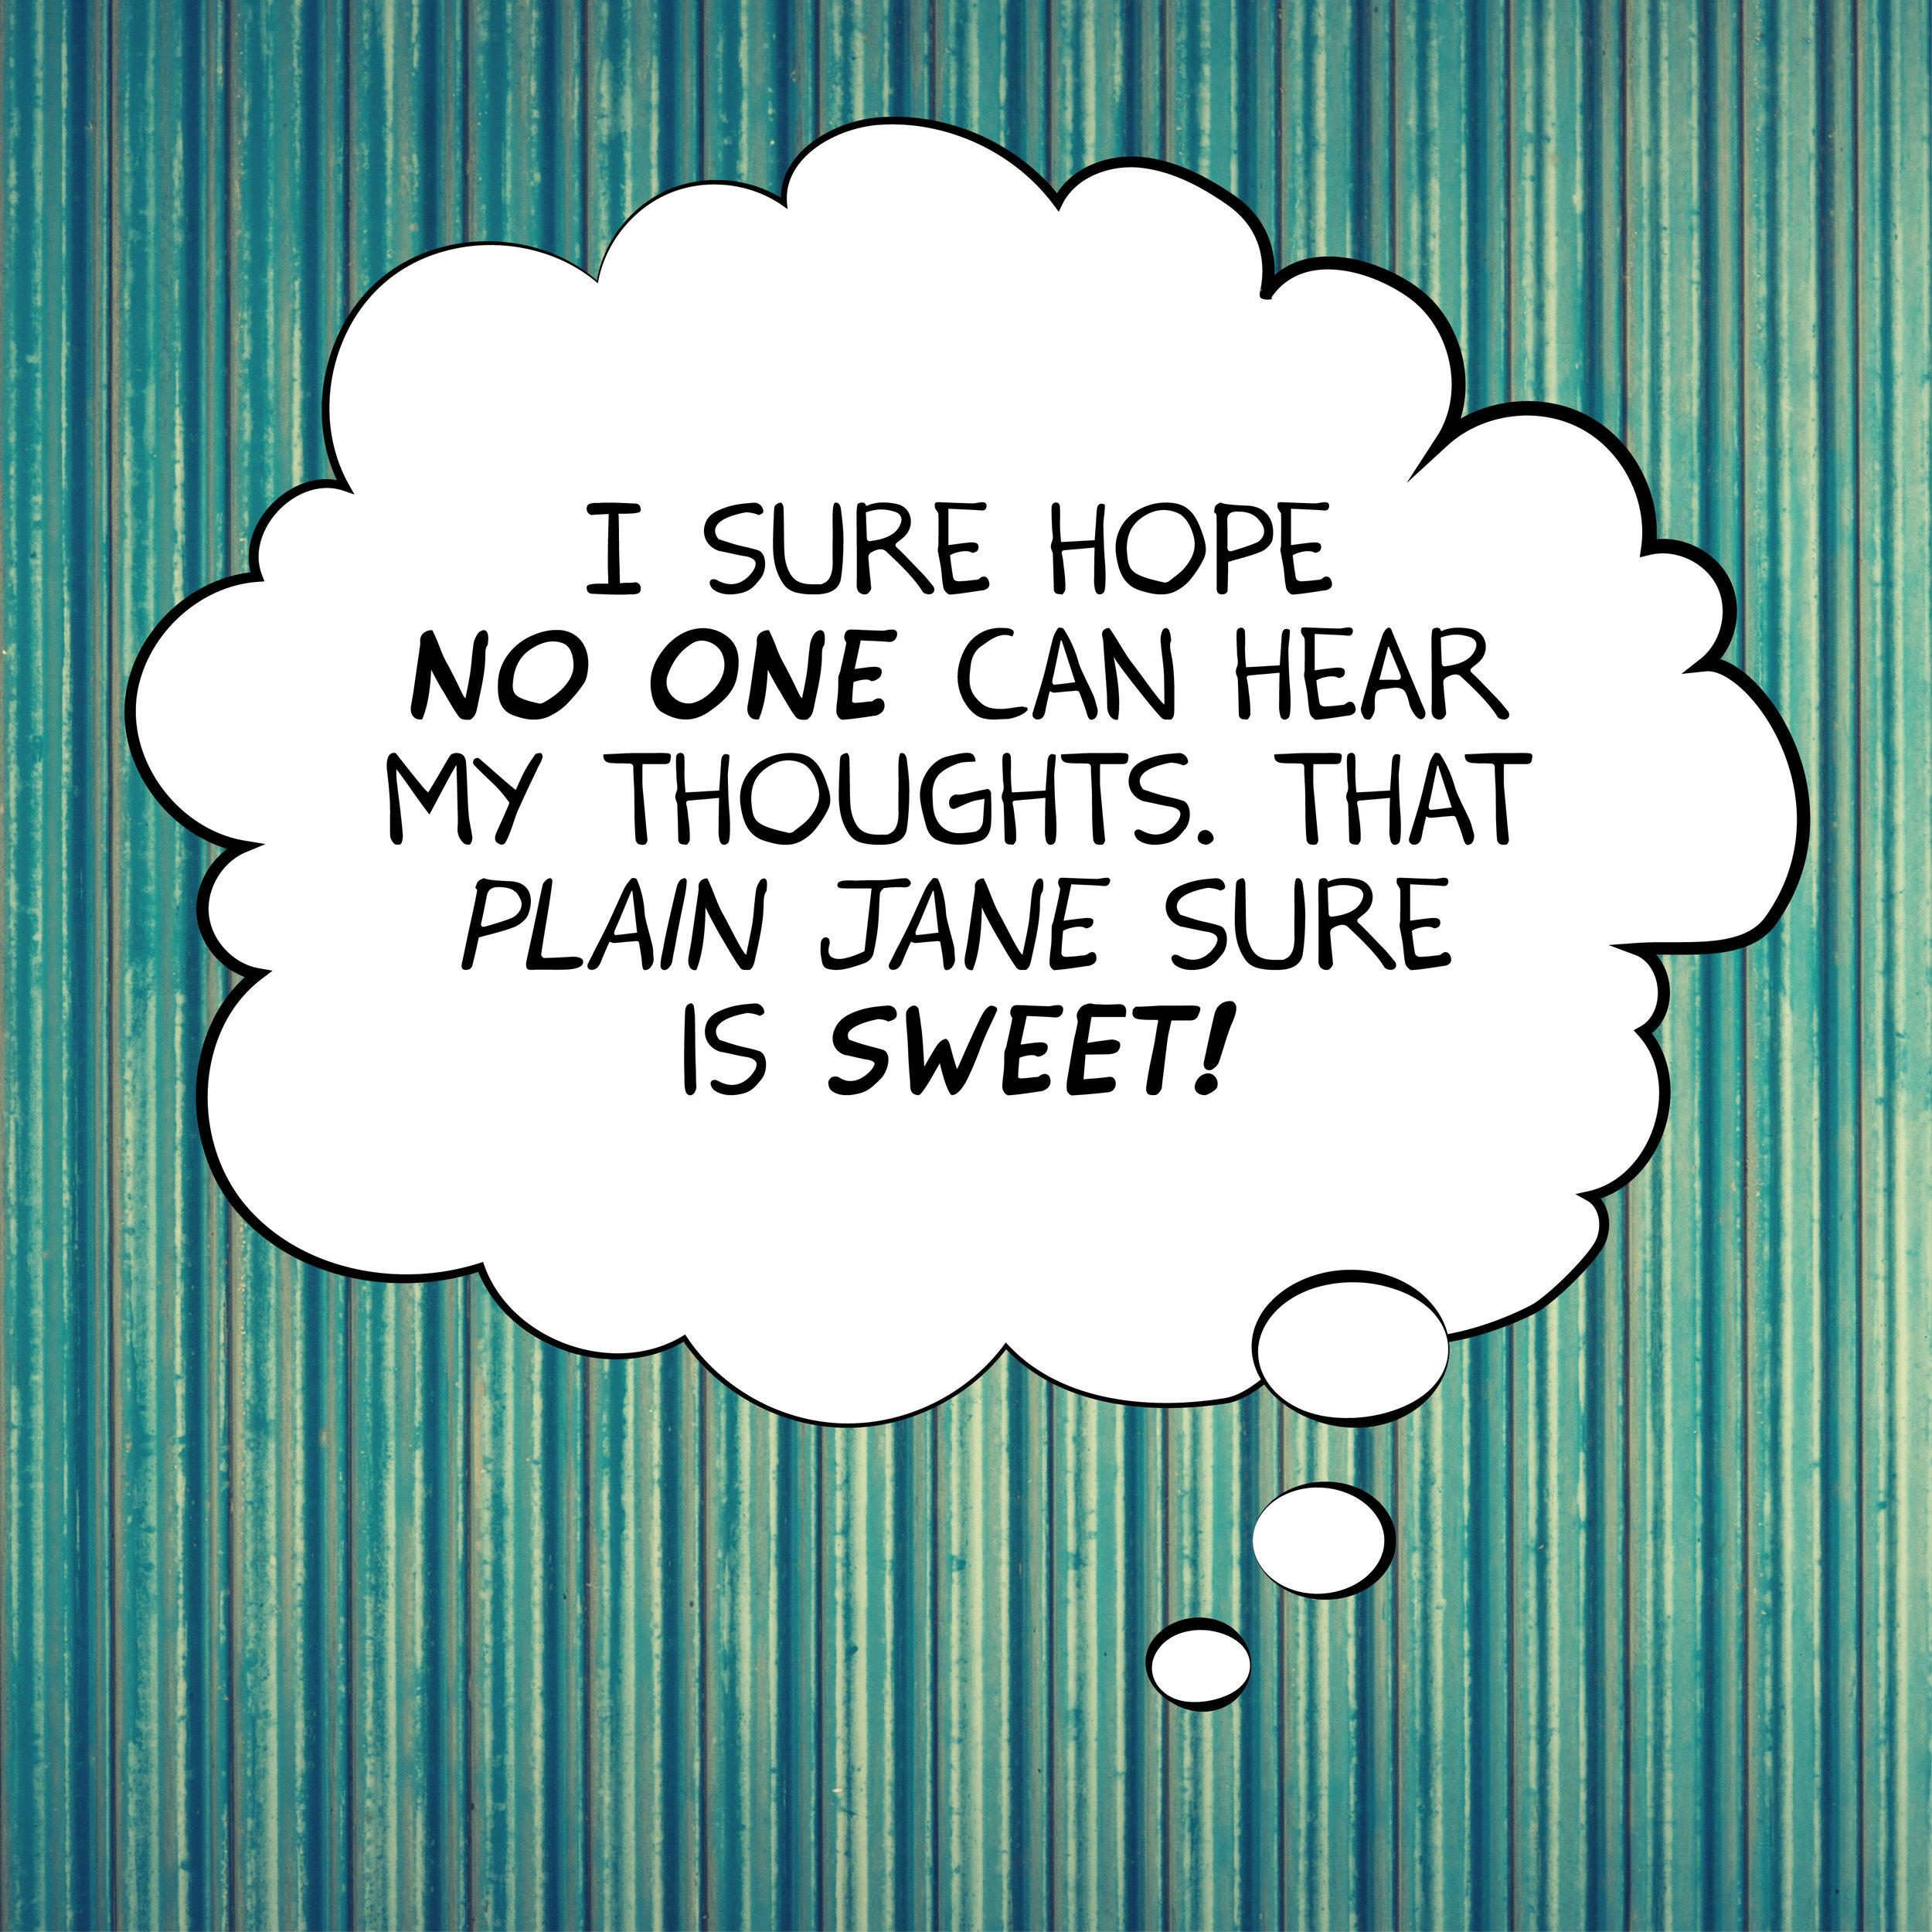 PlainJane2.jpg